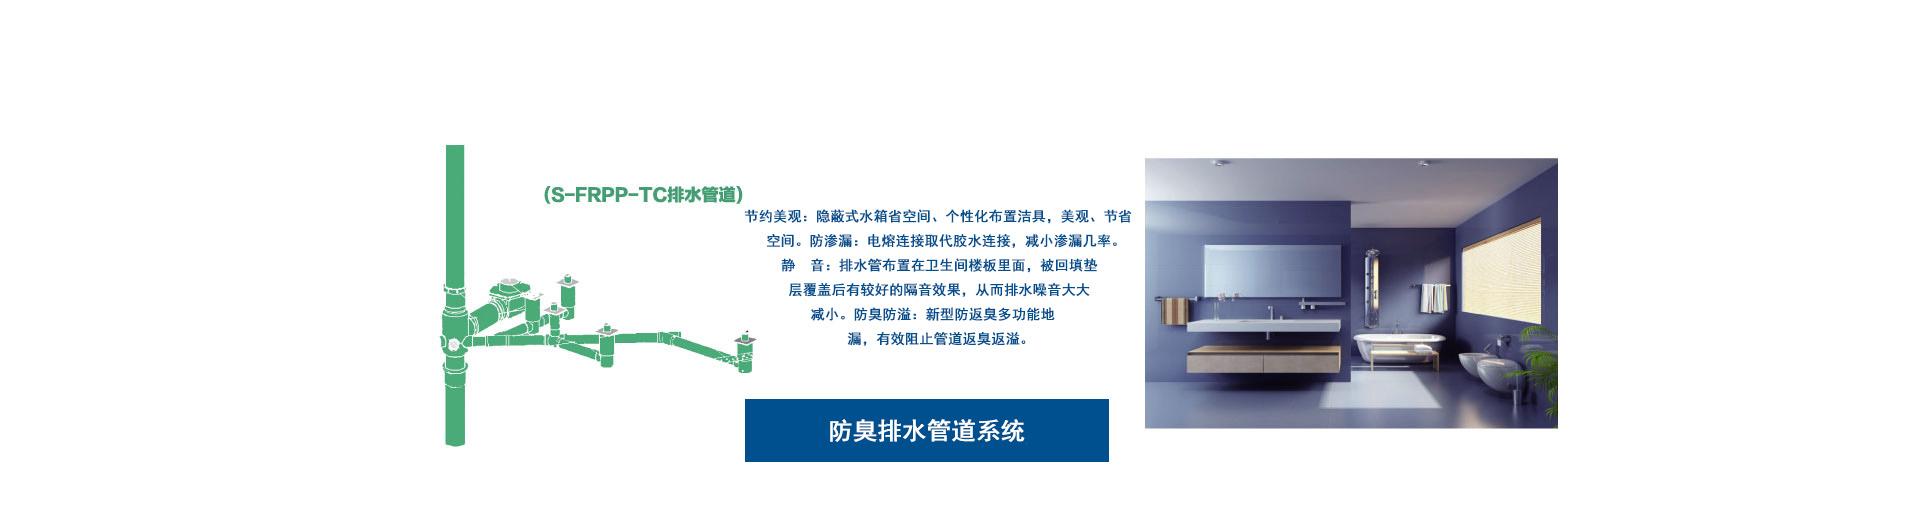 防水排臭管道系统